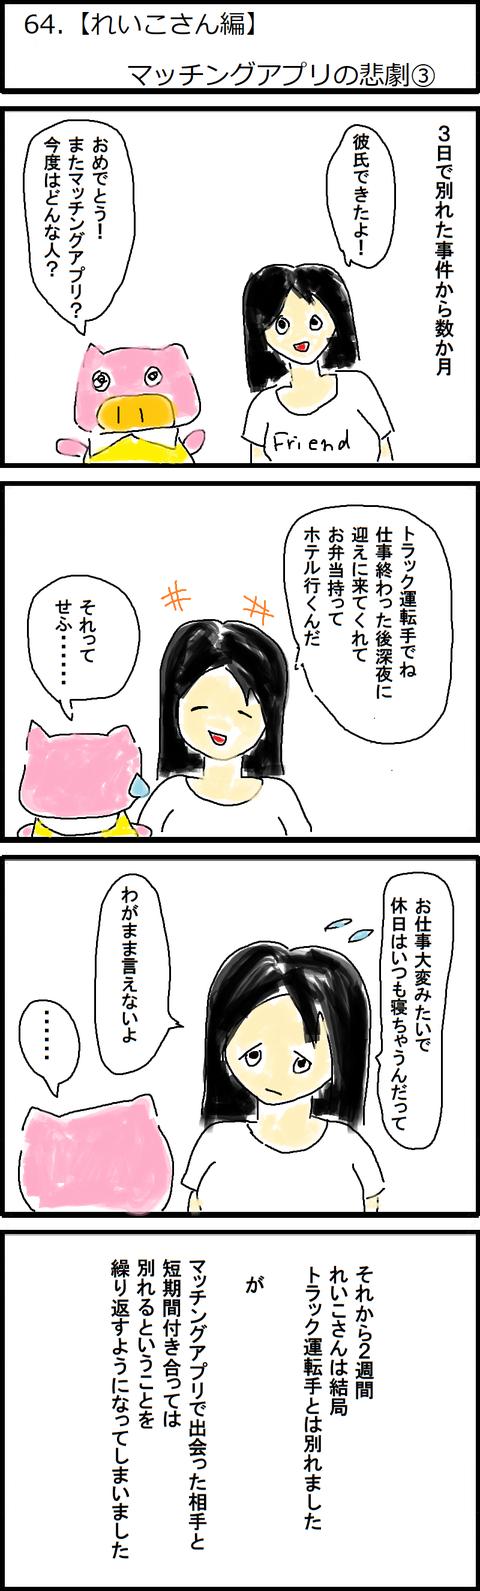 64.【れいこさん編】マッチングアプリの悲劇③